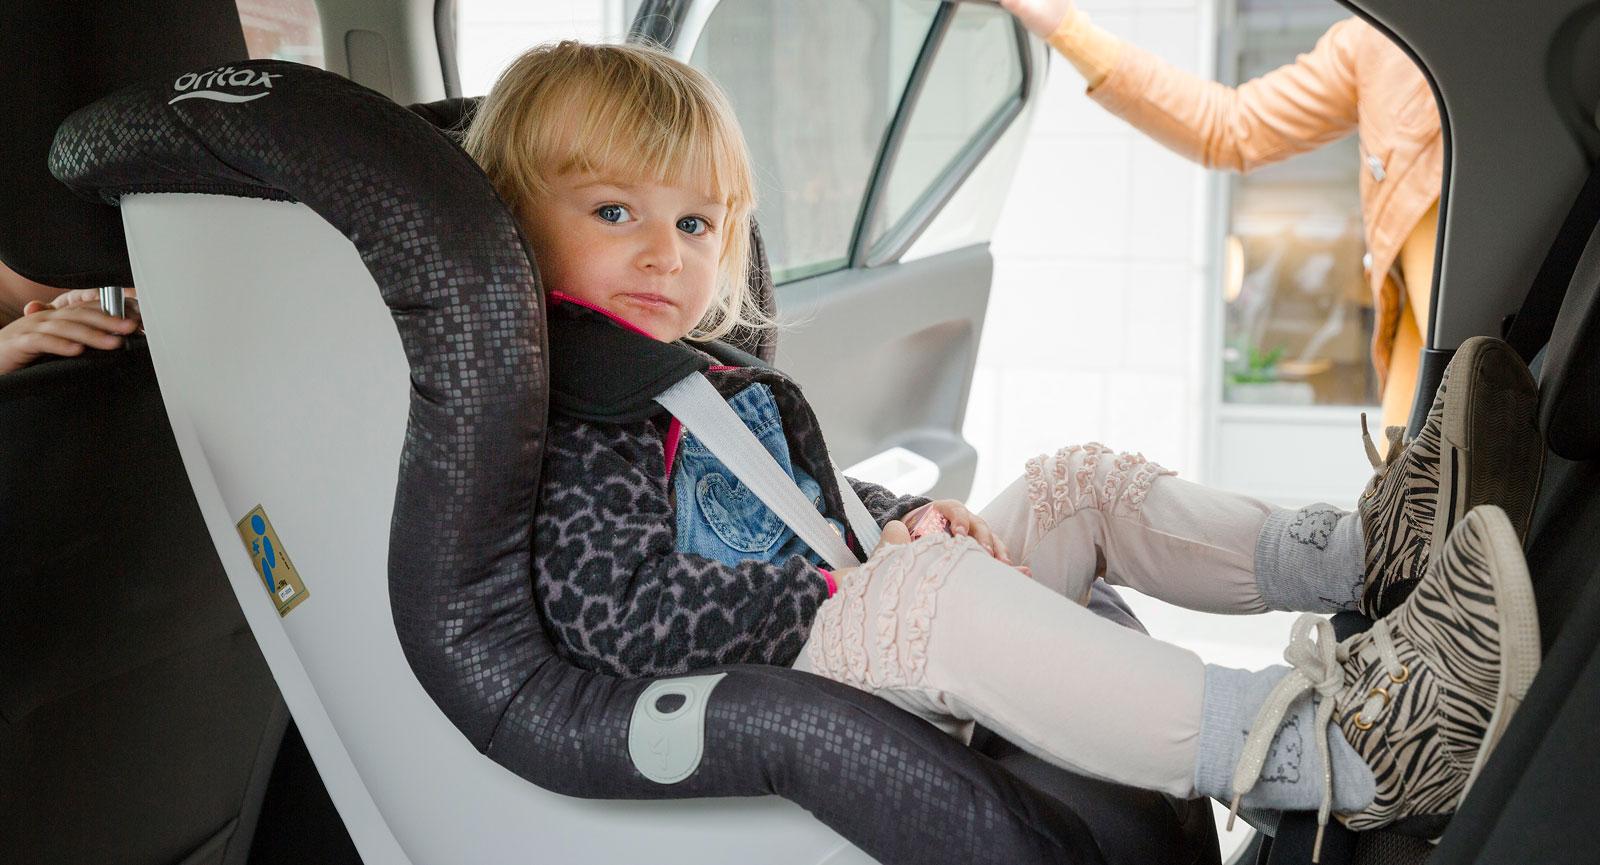 3,7 meter korta Suzuki Ignis är ett rymdunder som sväljer bakvända bilbarnstol i baksätet utan problem.